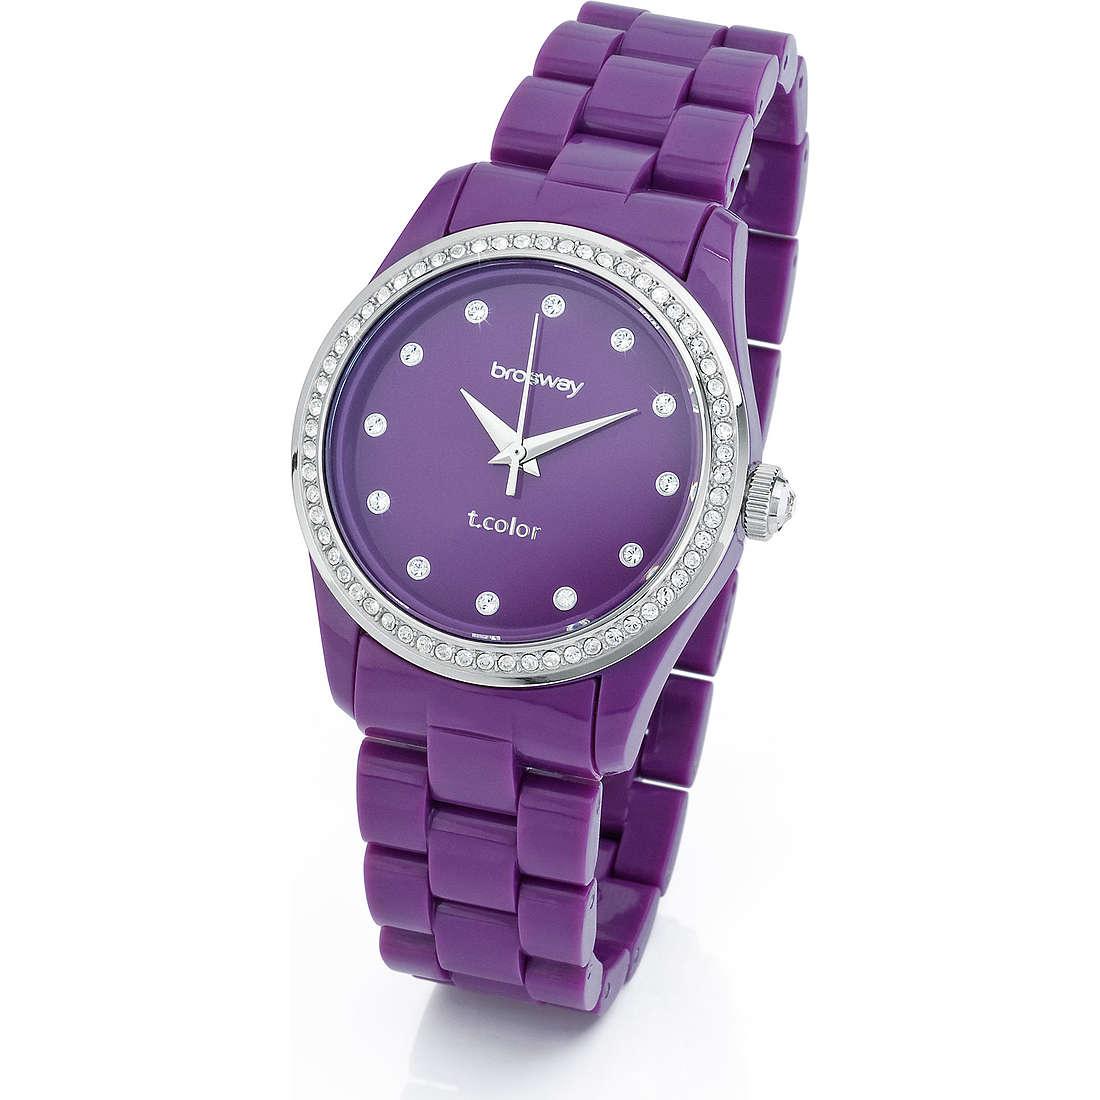 montre seul le temps femme Brosway T-Color WTC06